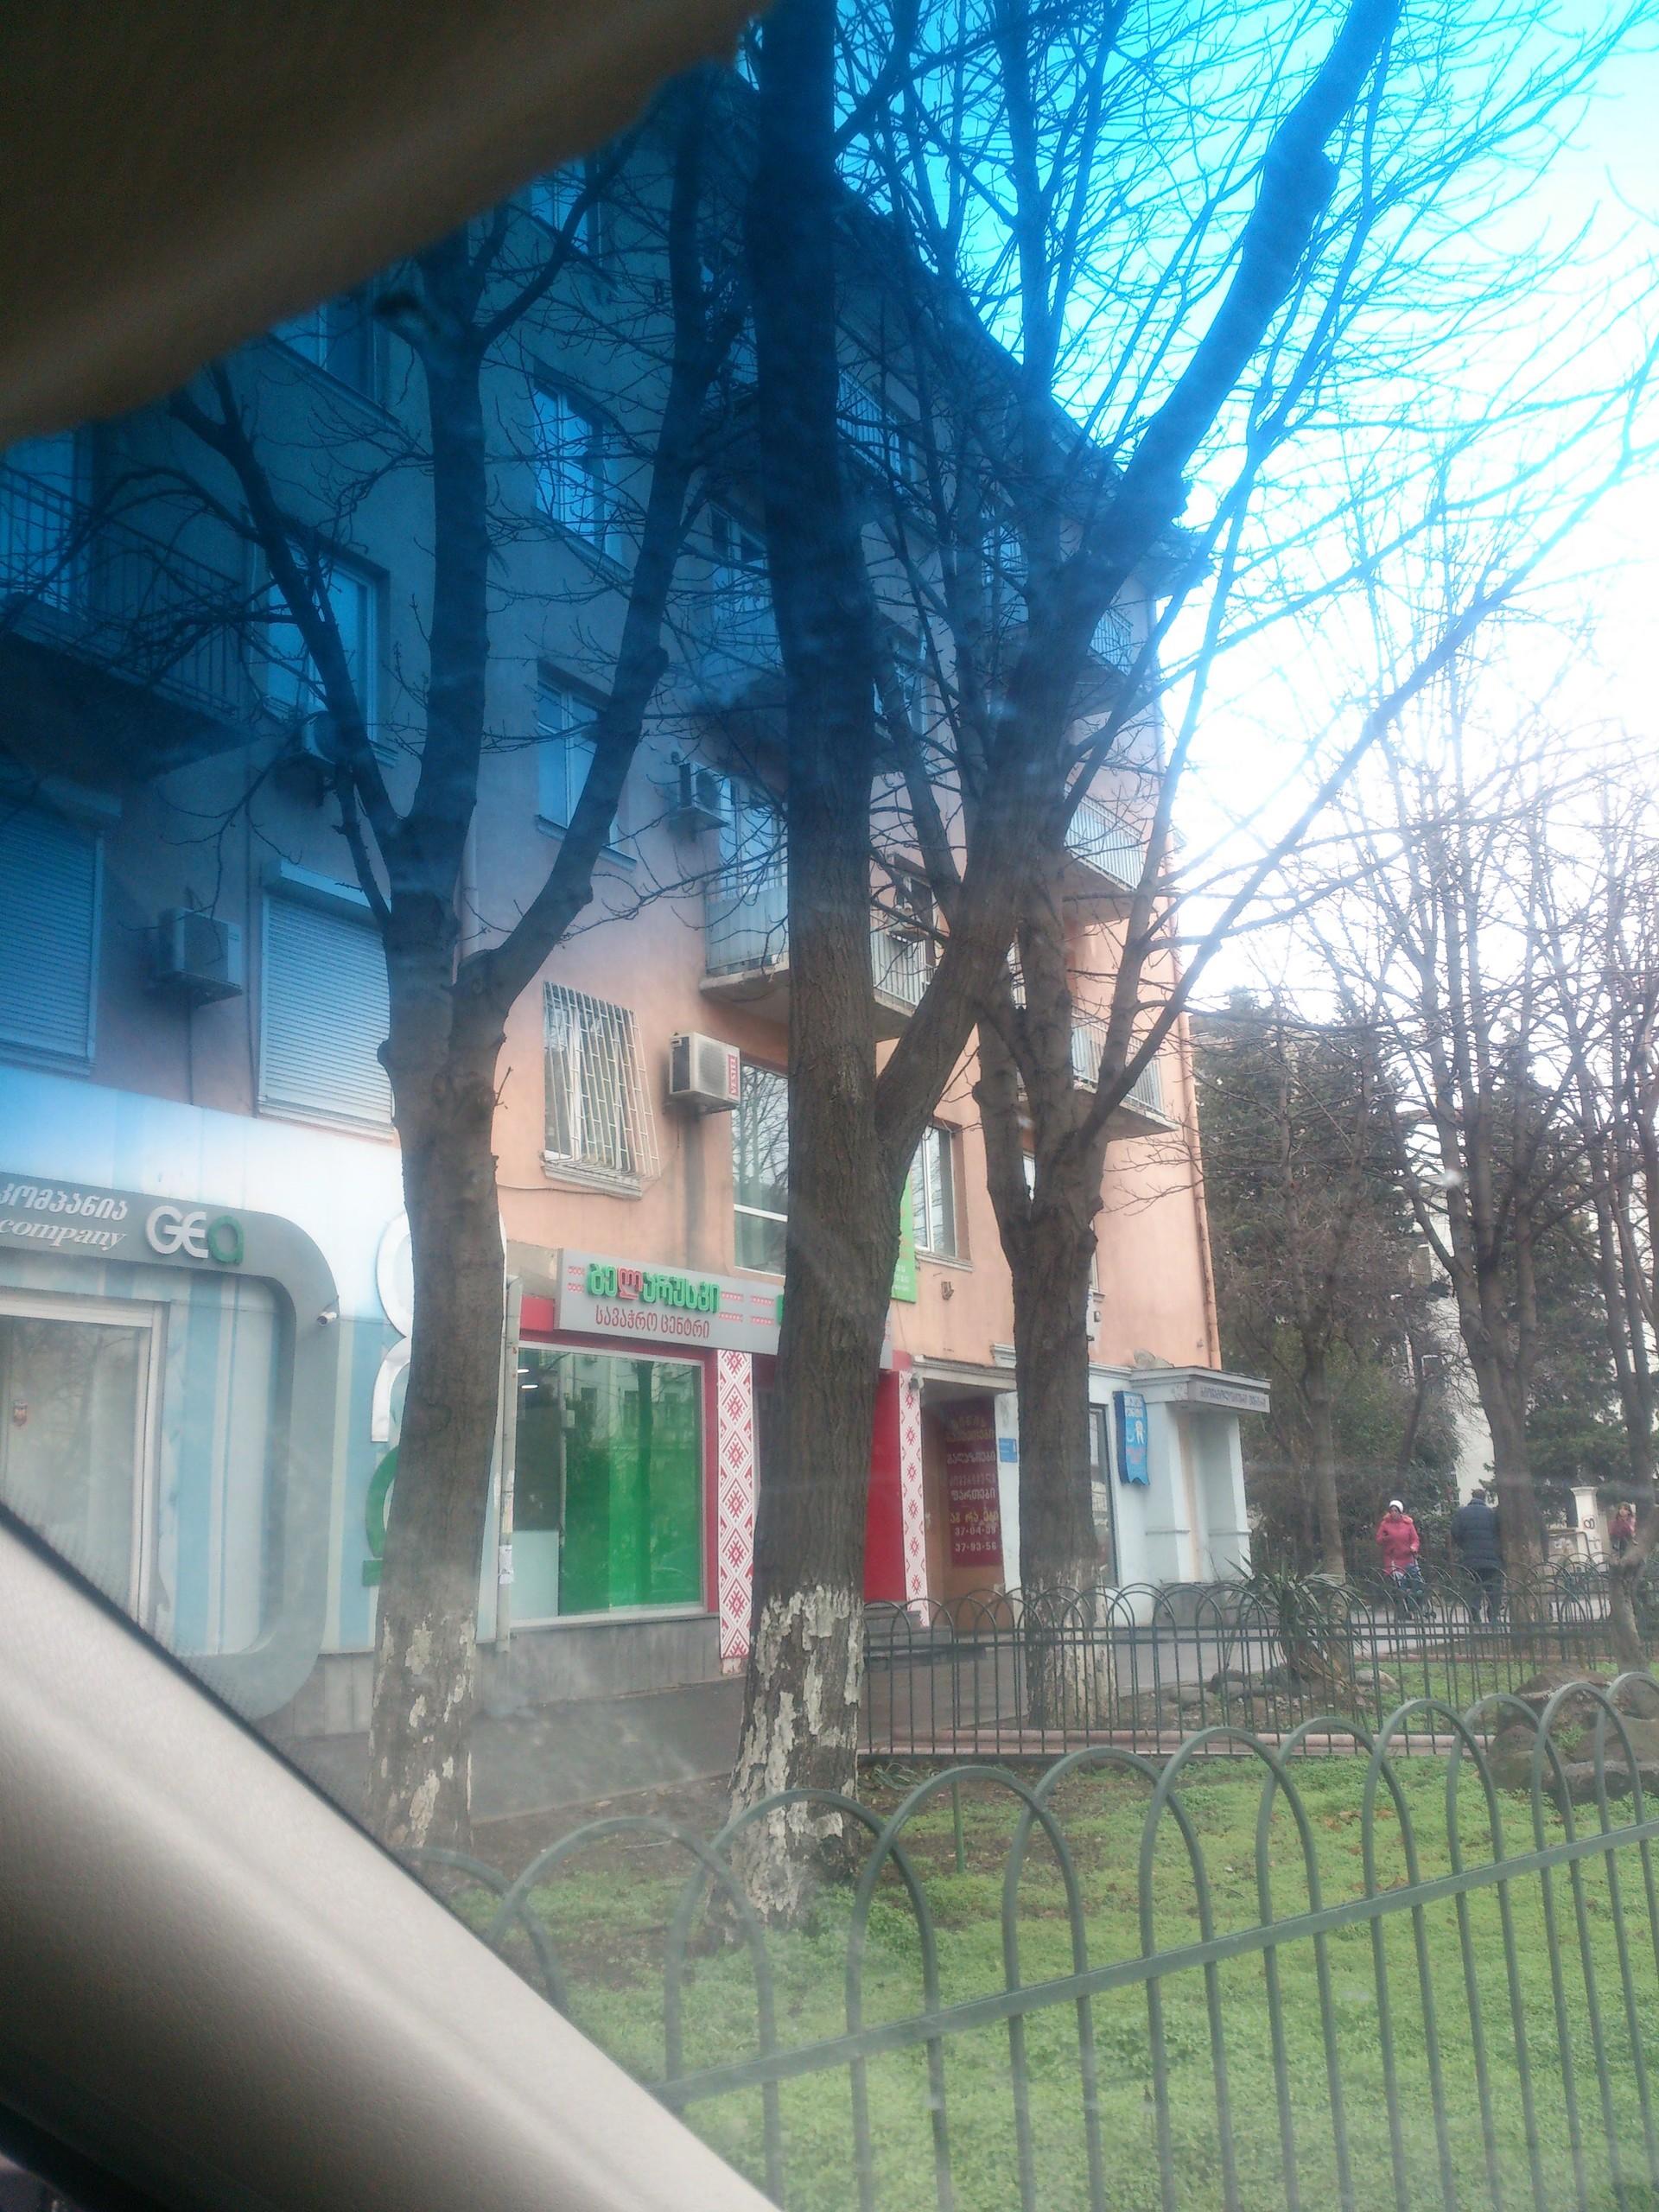 belaruski-shop-6d75e33a82255a0196fdffca5